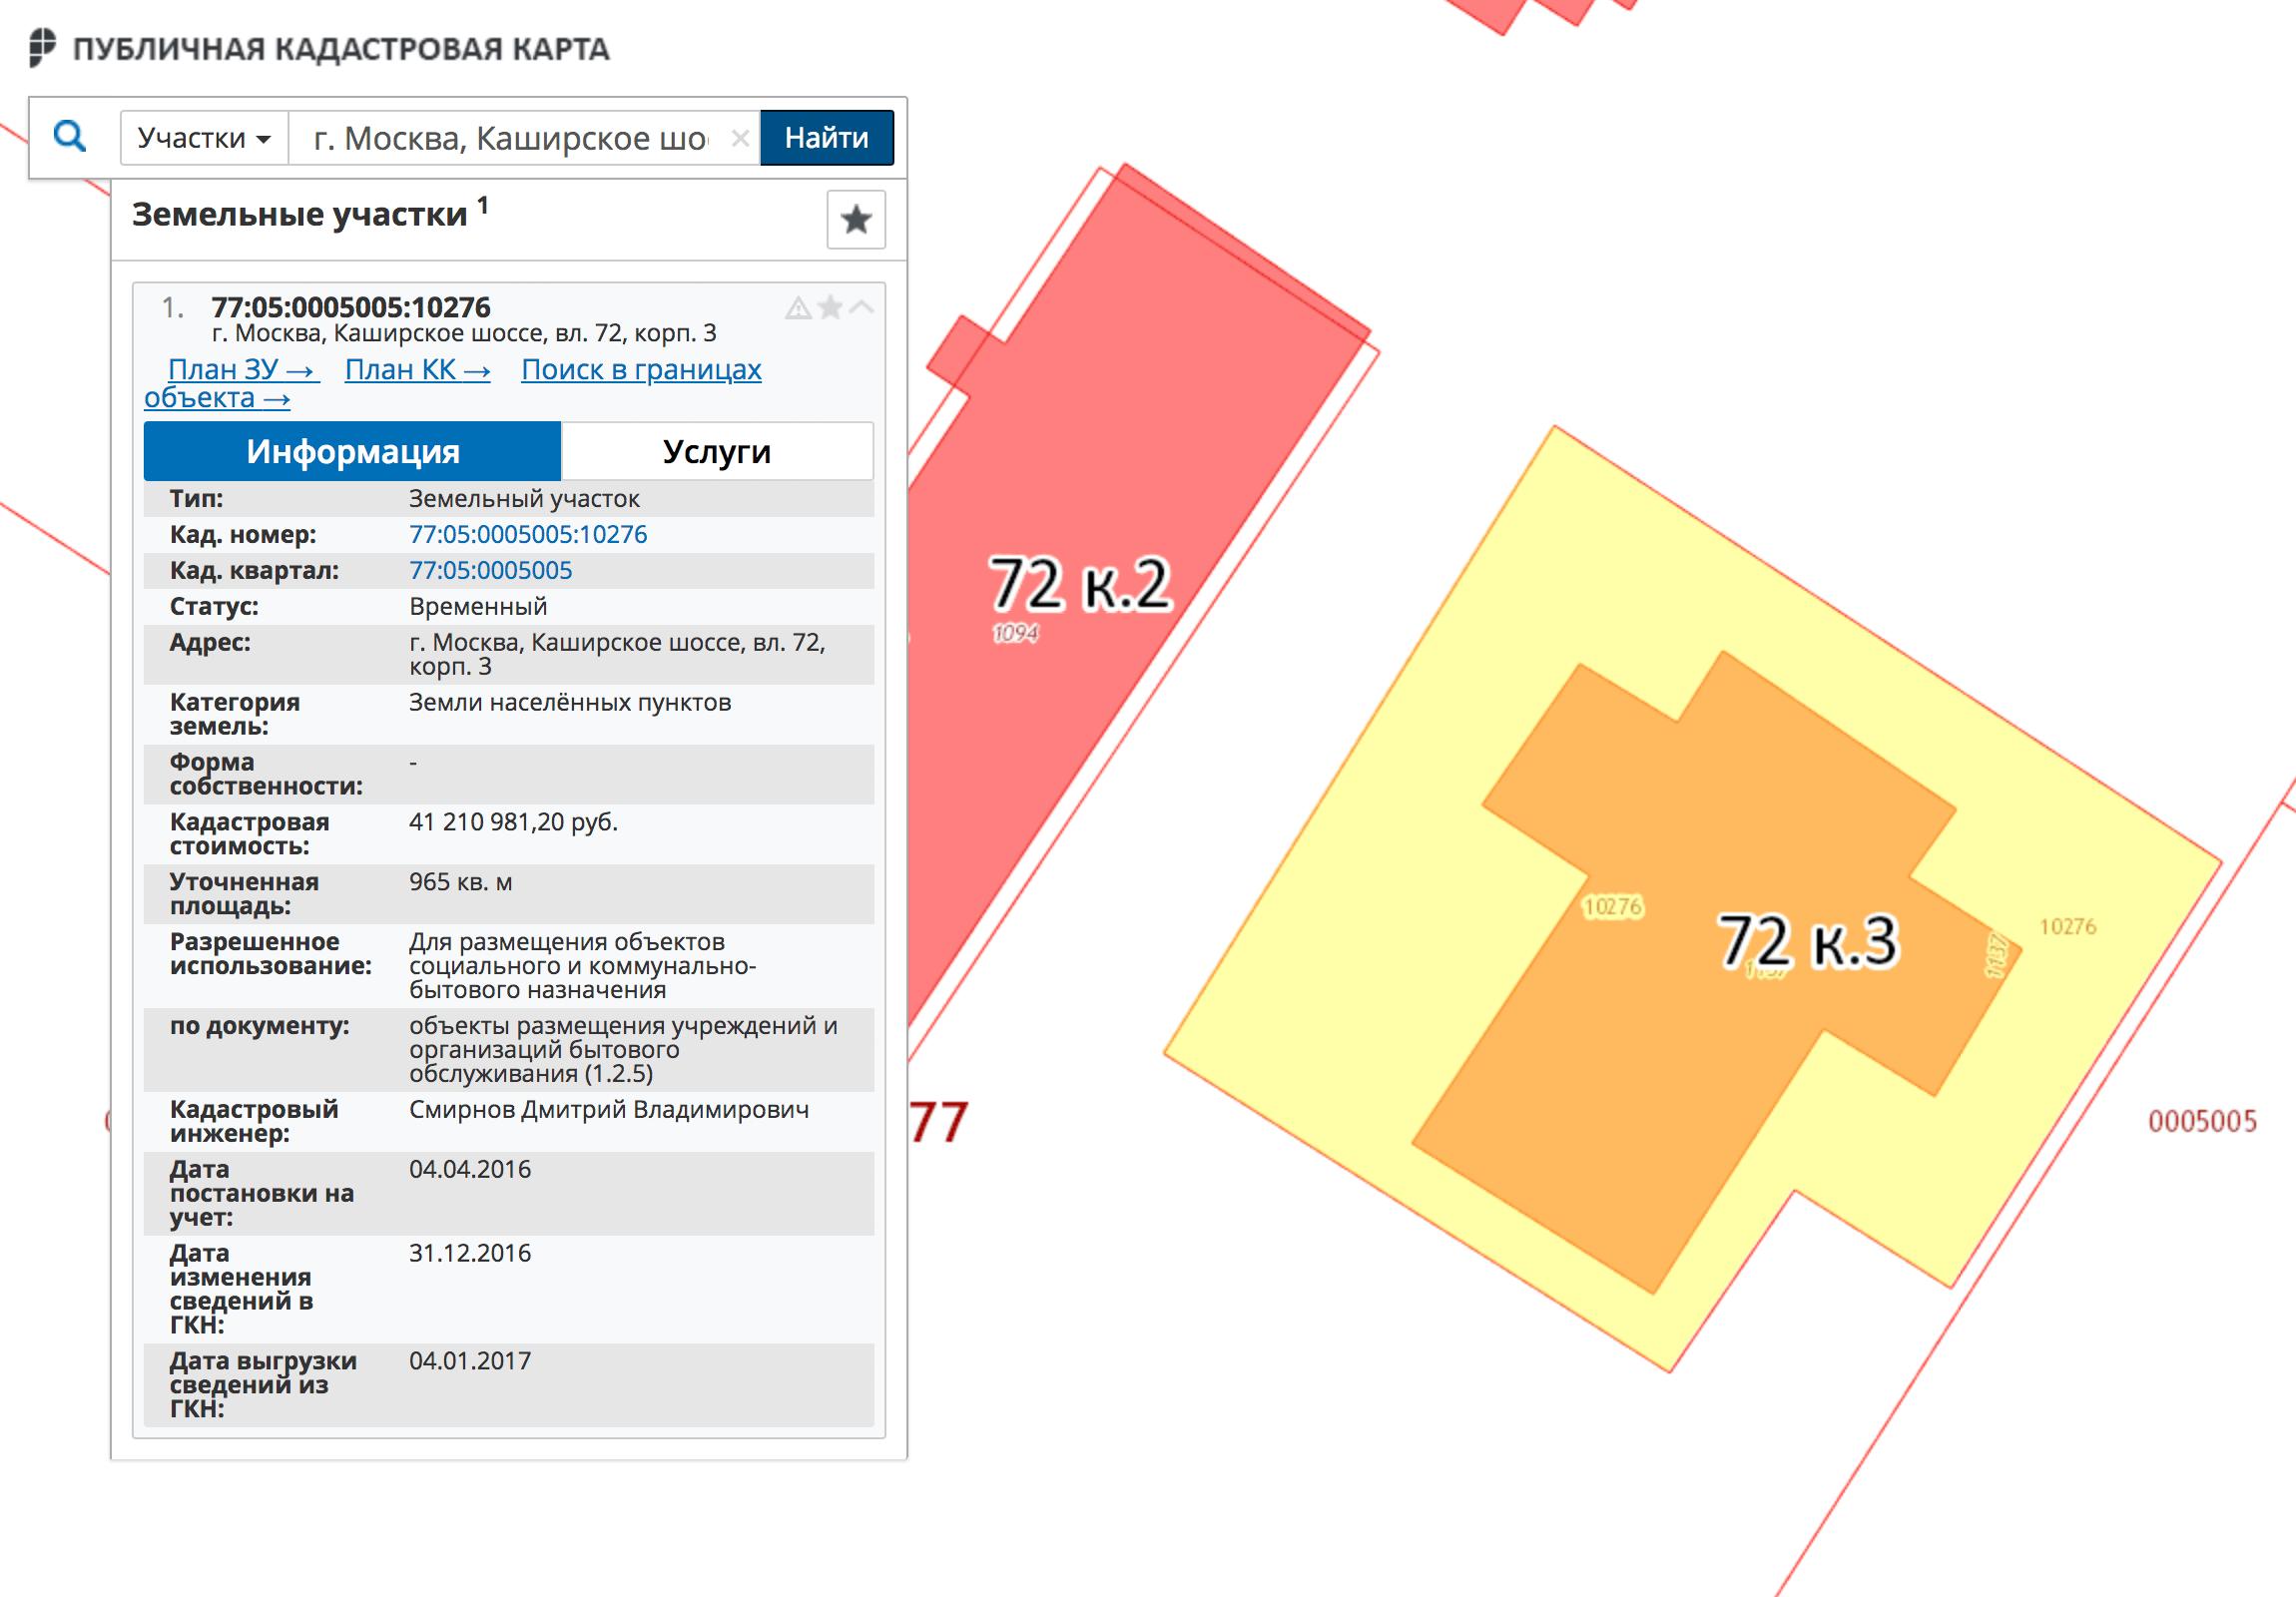 Участок дома по адресу Москва, Каширское шоссе 72, к. 3 не находится в собственности жильцов. Оформить на него это право можно на сайте Росреестра — это стоит 2000<span class=ruble>Р</span>